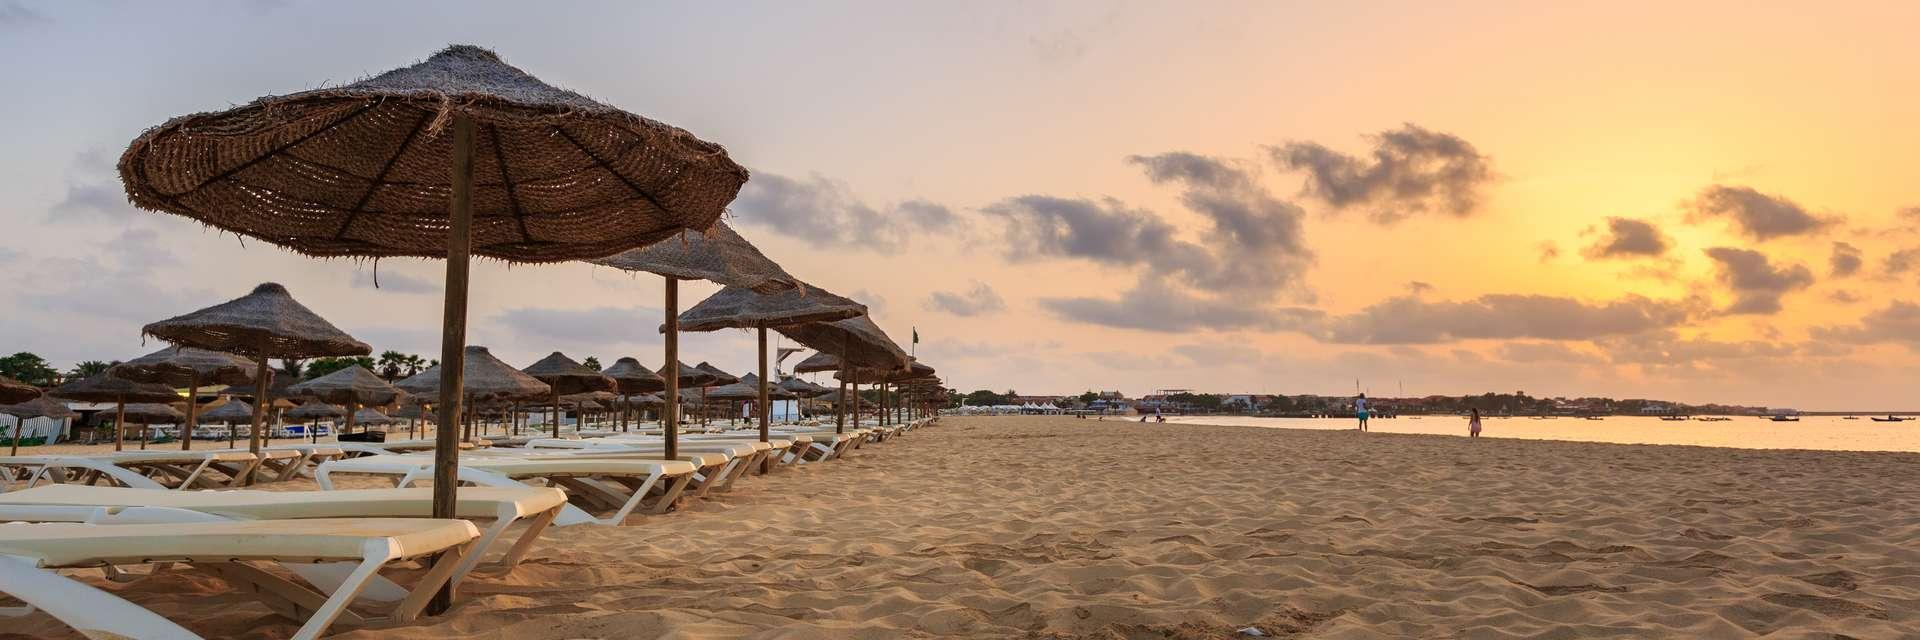 Kaapverdië Sal beach